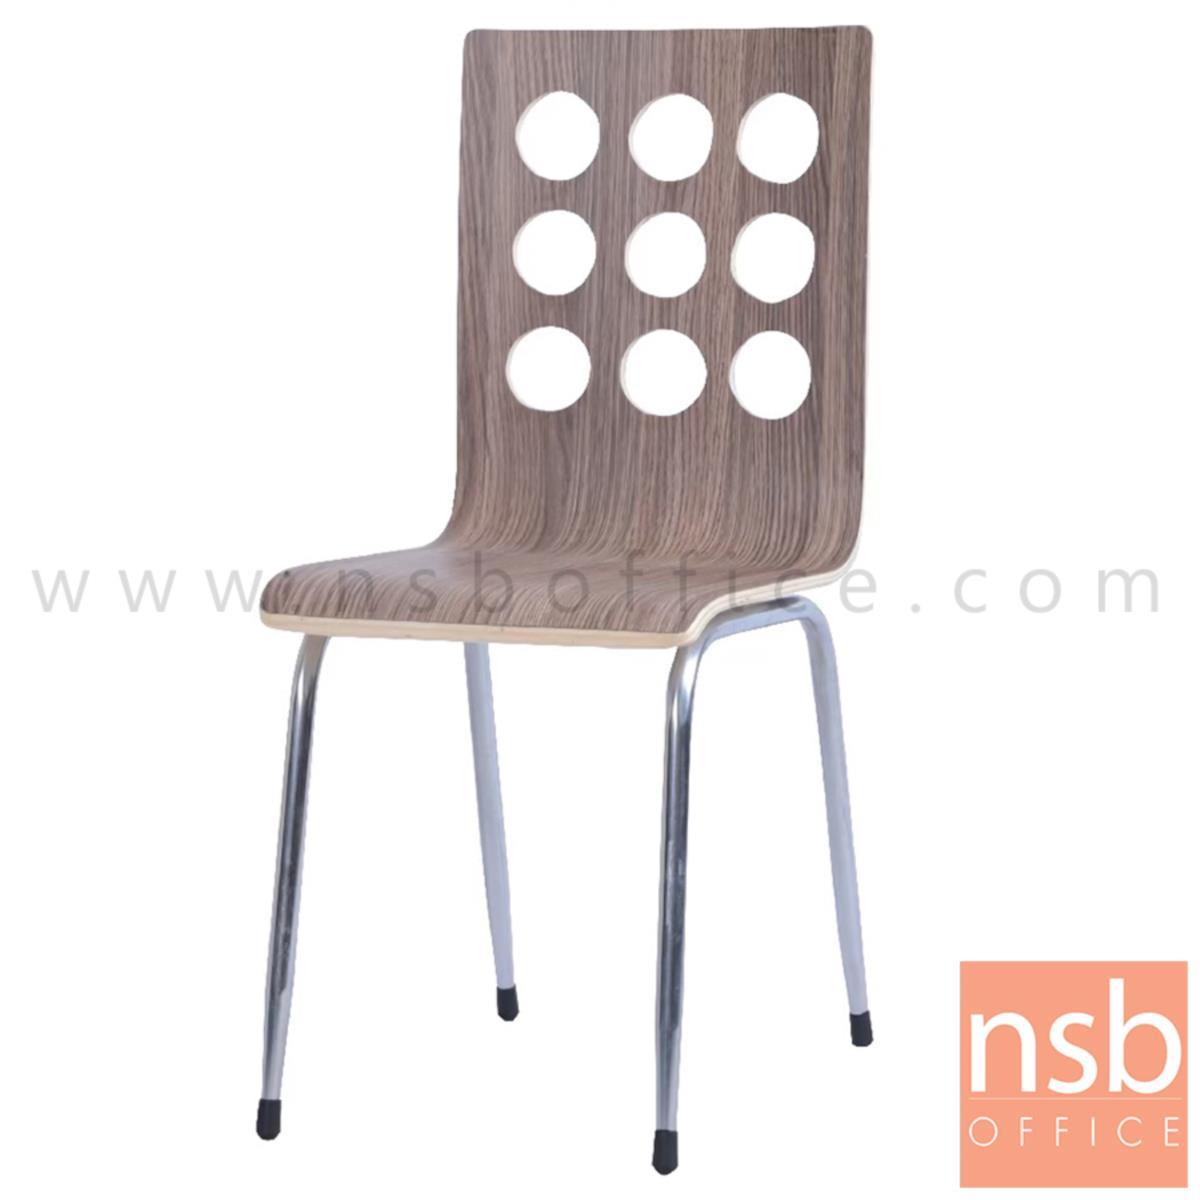 B20A111:เก้าอี้อเนกประสงค์ไม้ รุ่น Quentin (เควนติน)  ขาเหล็กชุบโครเมี่ยม